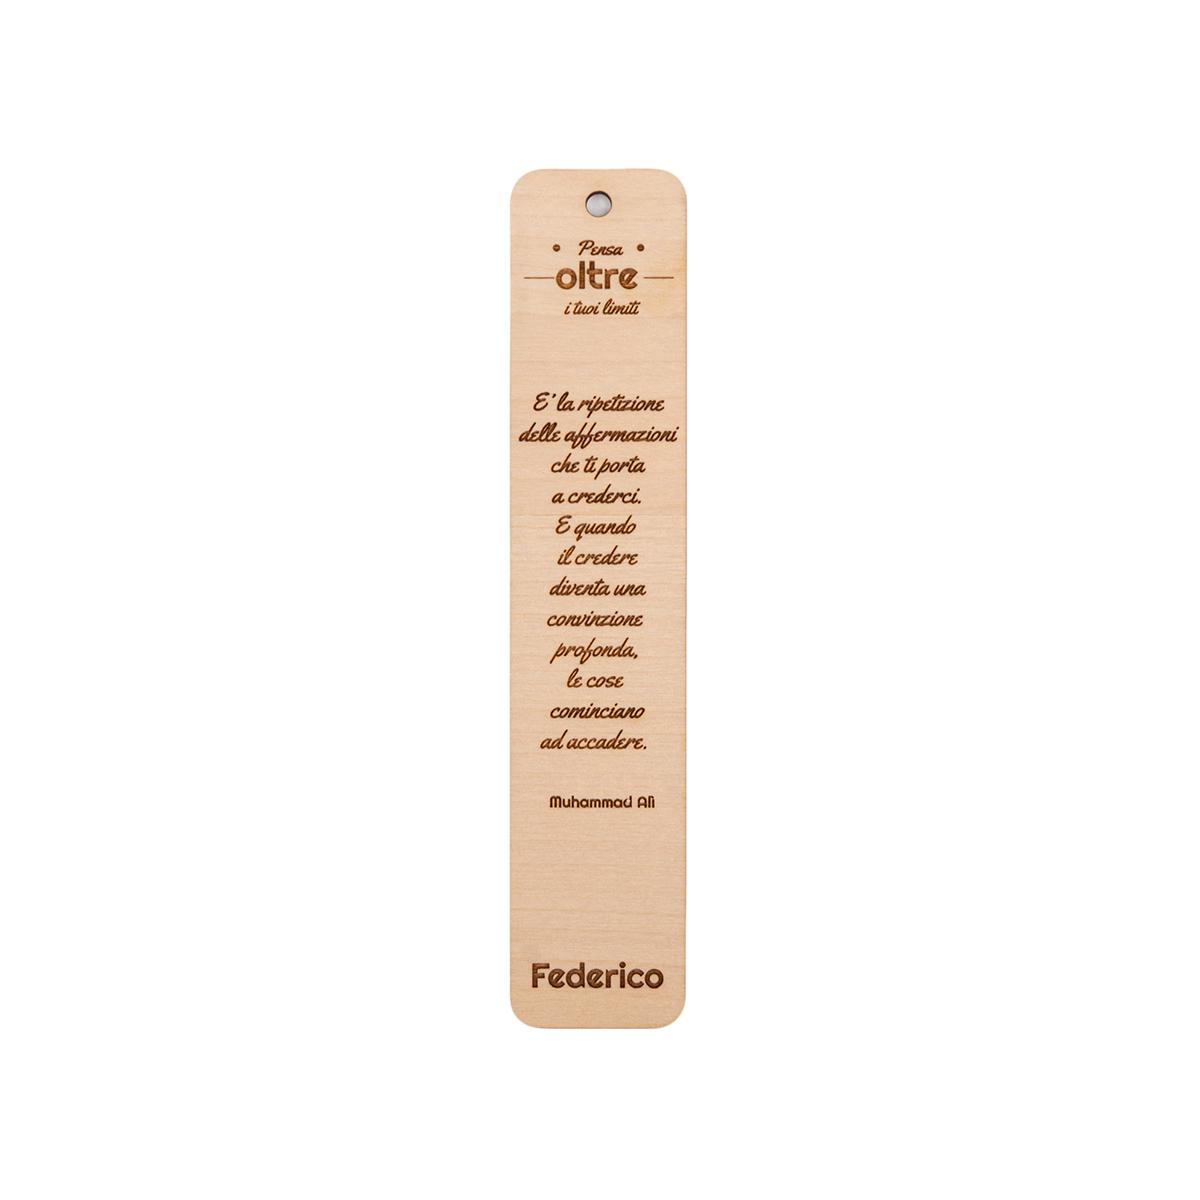 Segnalibro in legno personalizzabile con frase famosa - Muhammad Ali